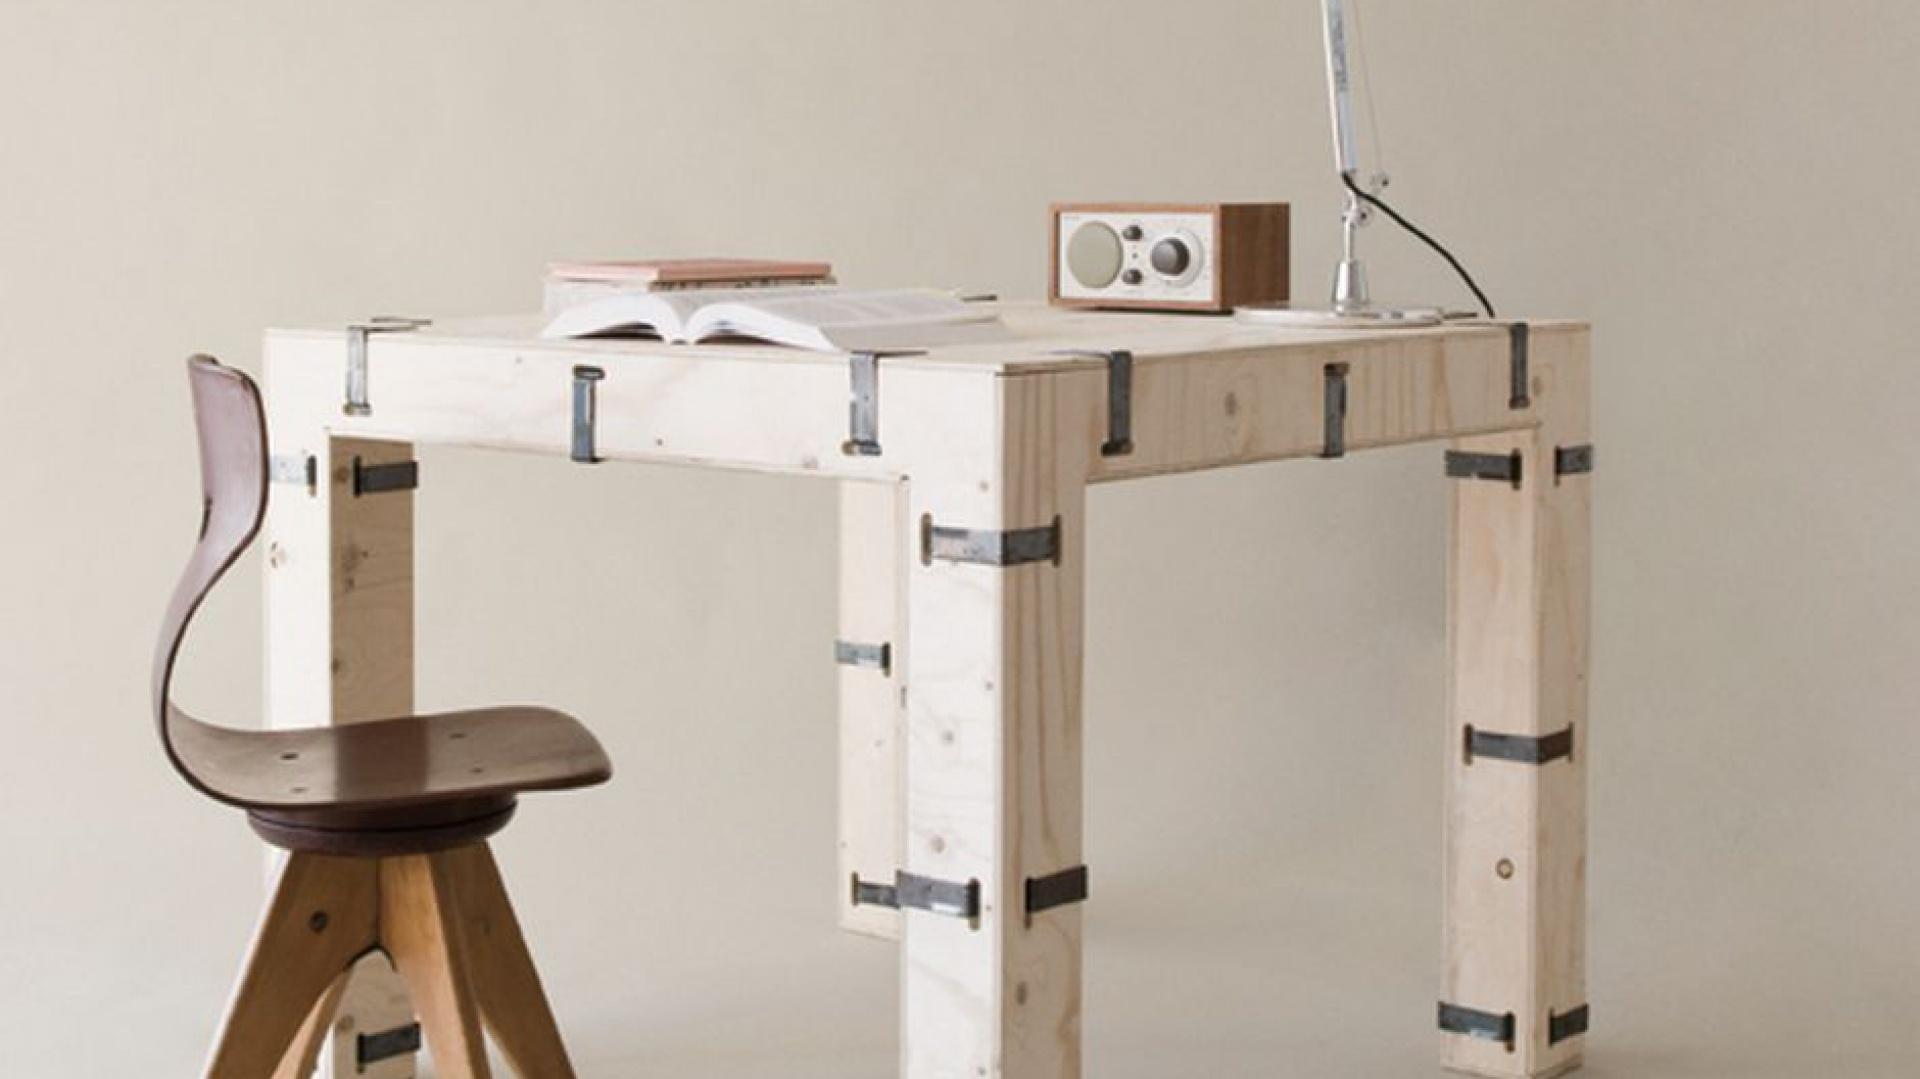 Kolekcja mebli Pakiet - w przeciwieństwie do sztandarowych projektów Oskara Zięty - została wykonana z drewna. Fot. Zieta Prozessdesign.